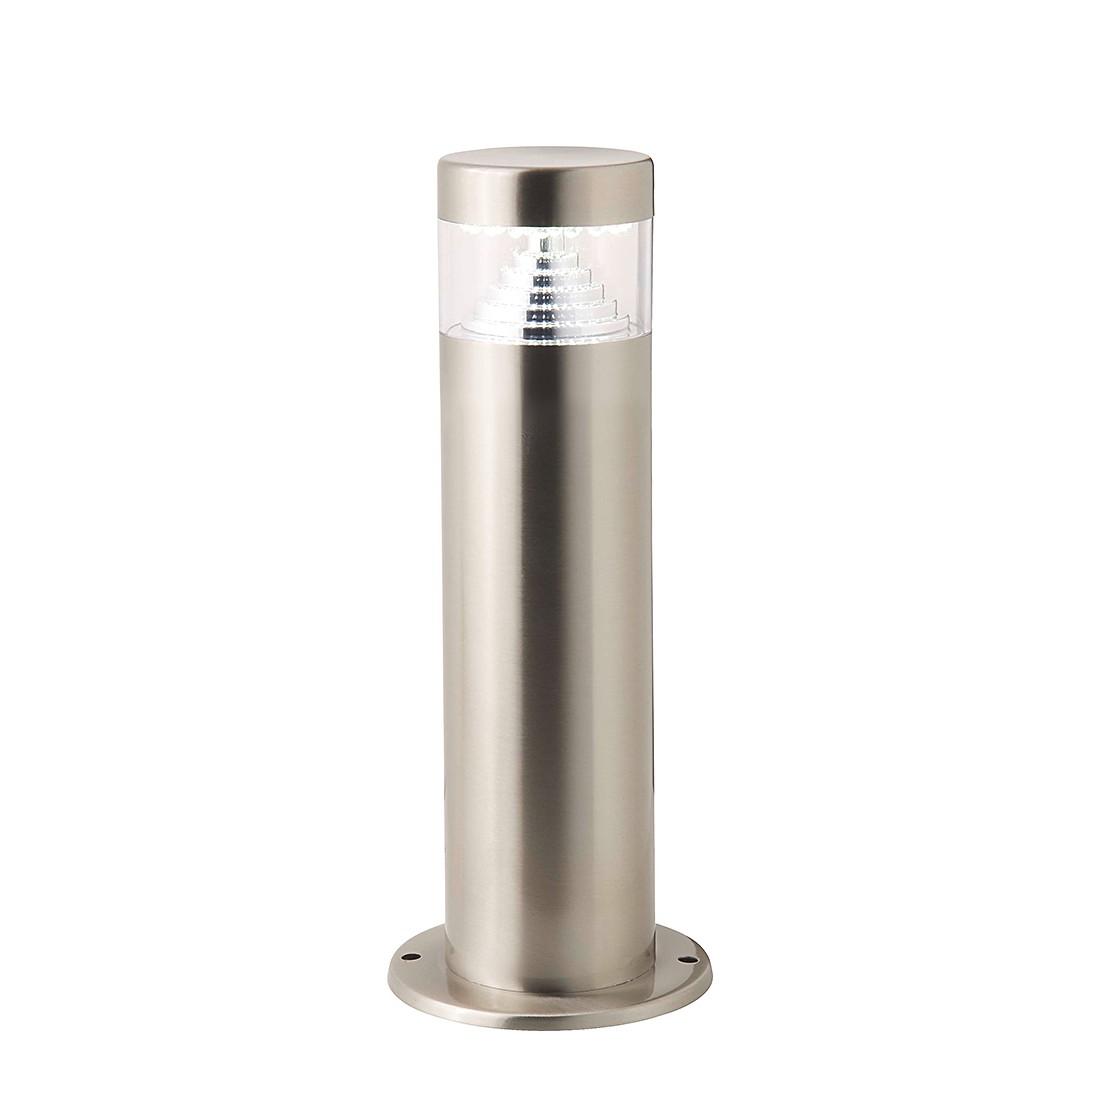 Außenleuchte Sally ● Metall & Kunststoff ● Silber ● 1-flammig- Brilliant A+